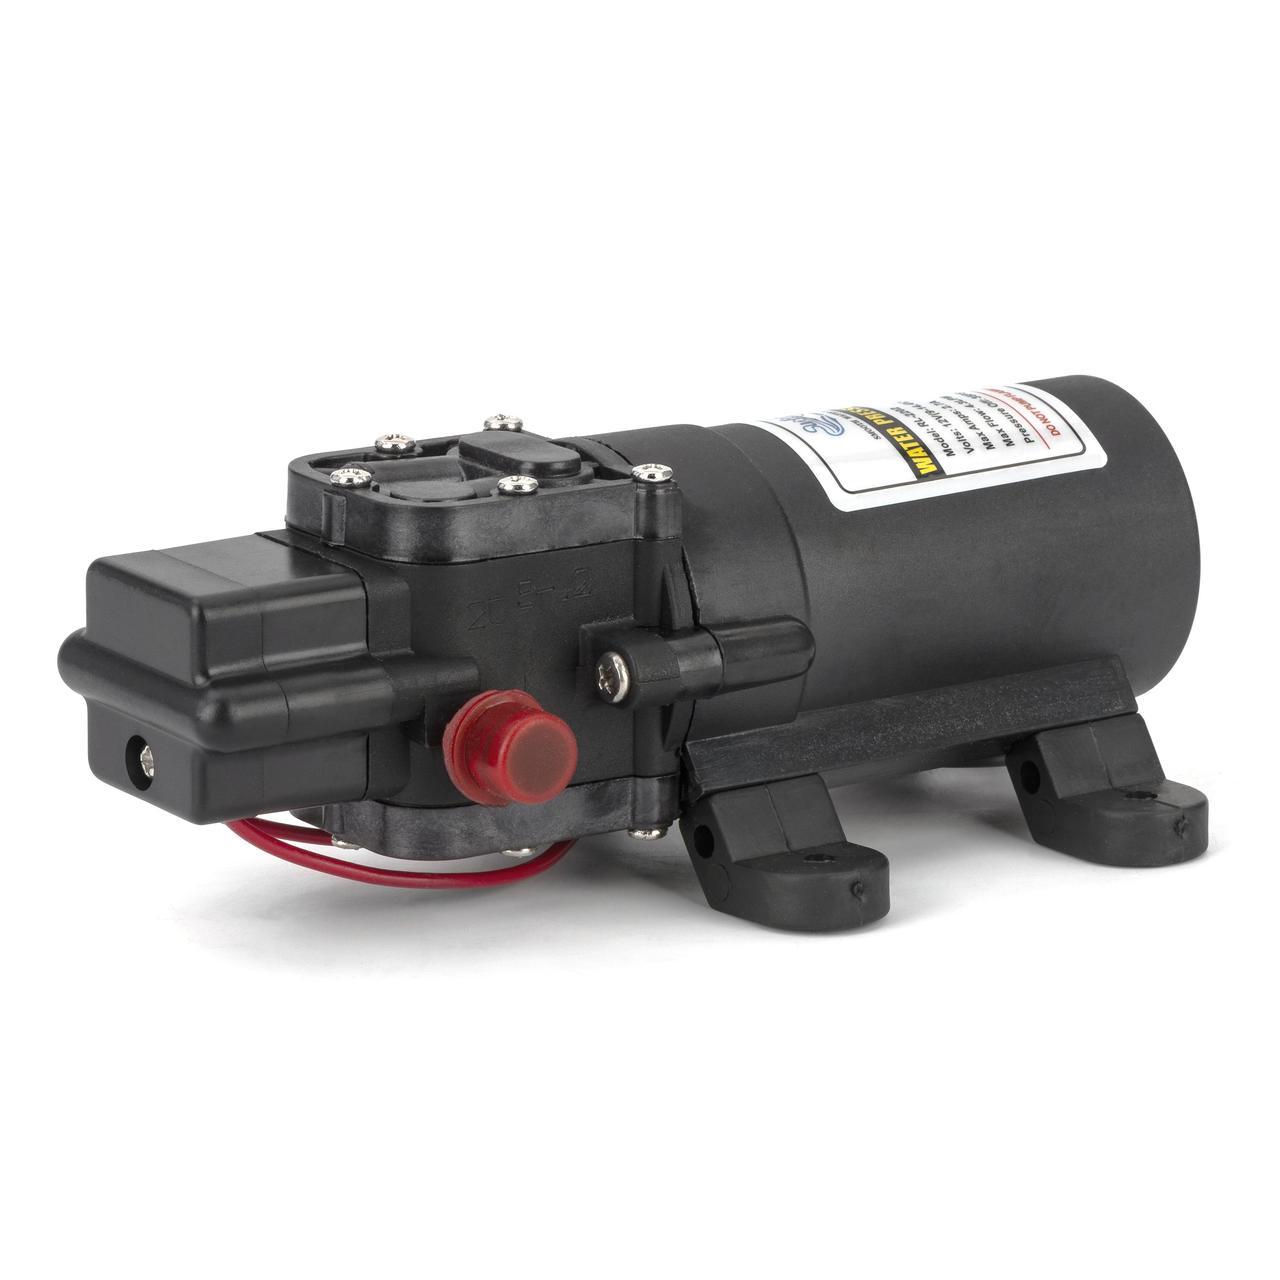 Автоматический диафрагмовый насос RL-2202A 4 л/м давления 80 PSI